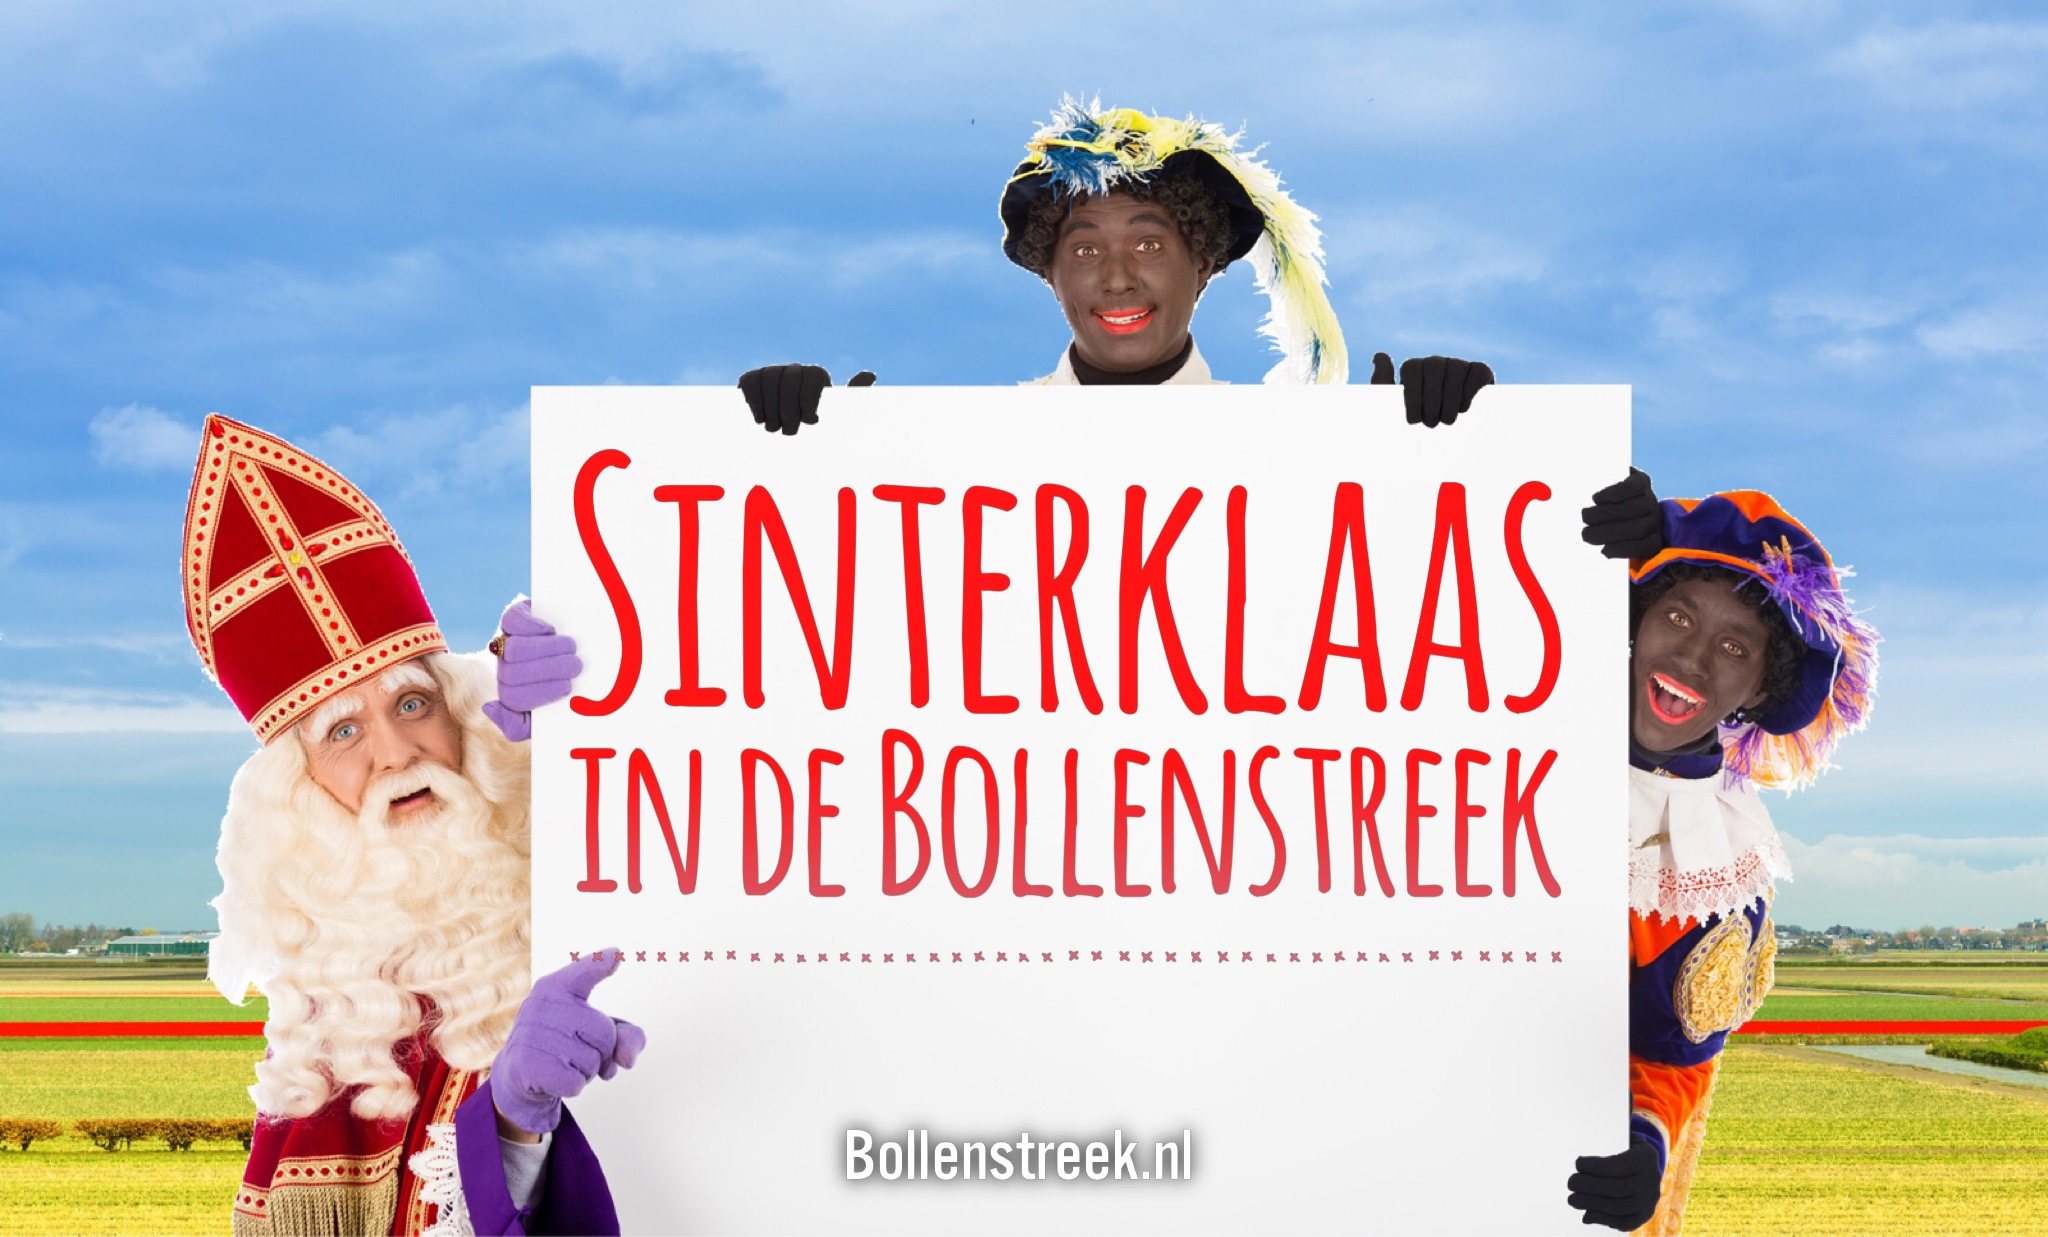 Sinterklaas intochten in de Bollenstreek